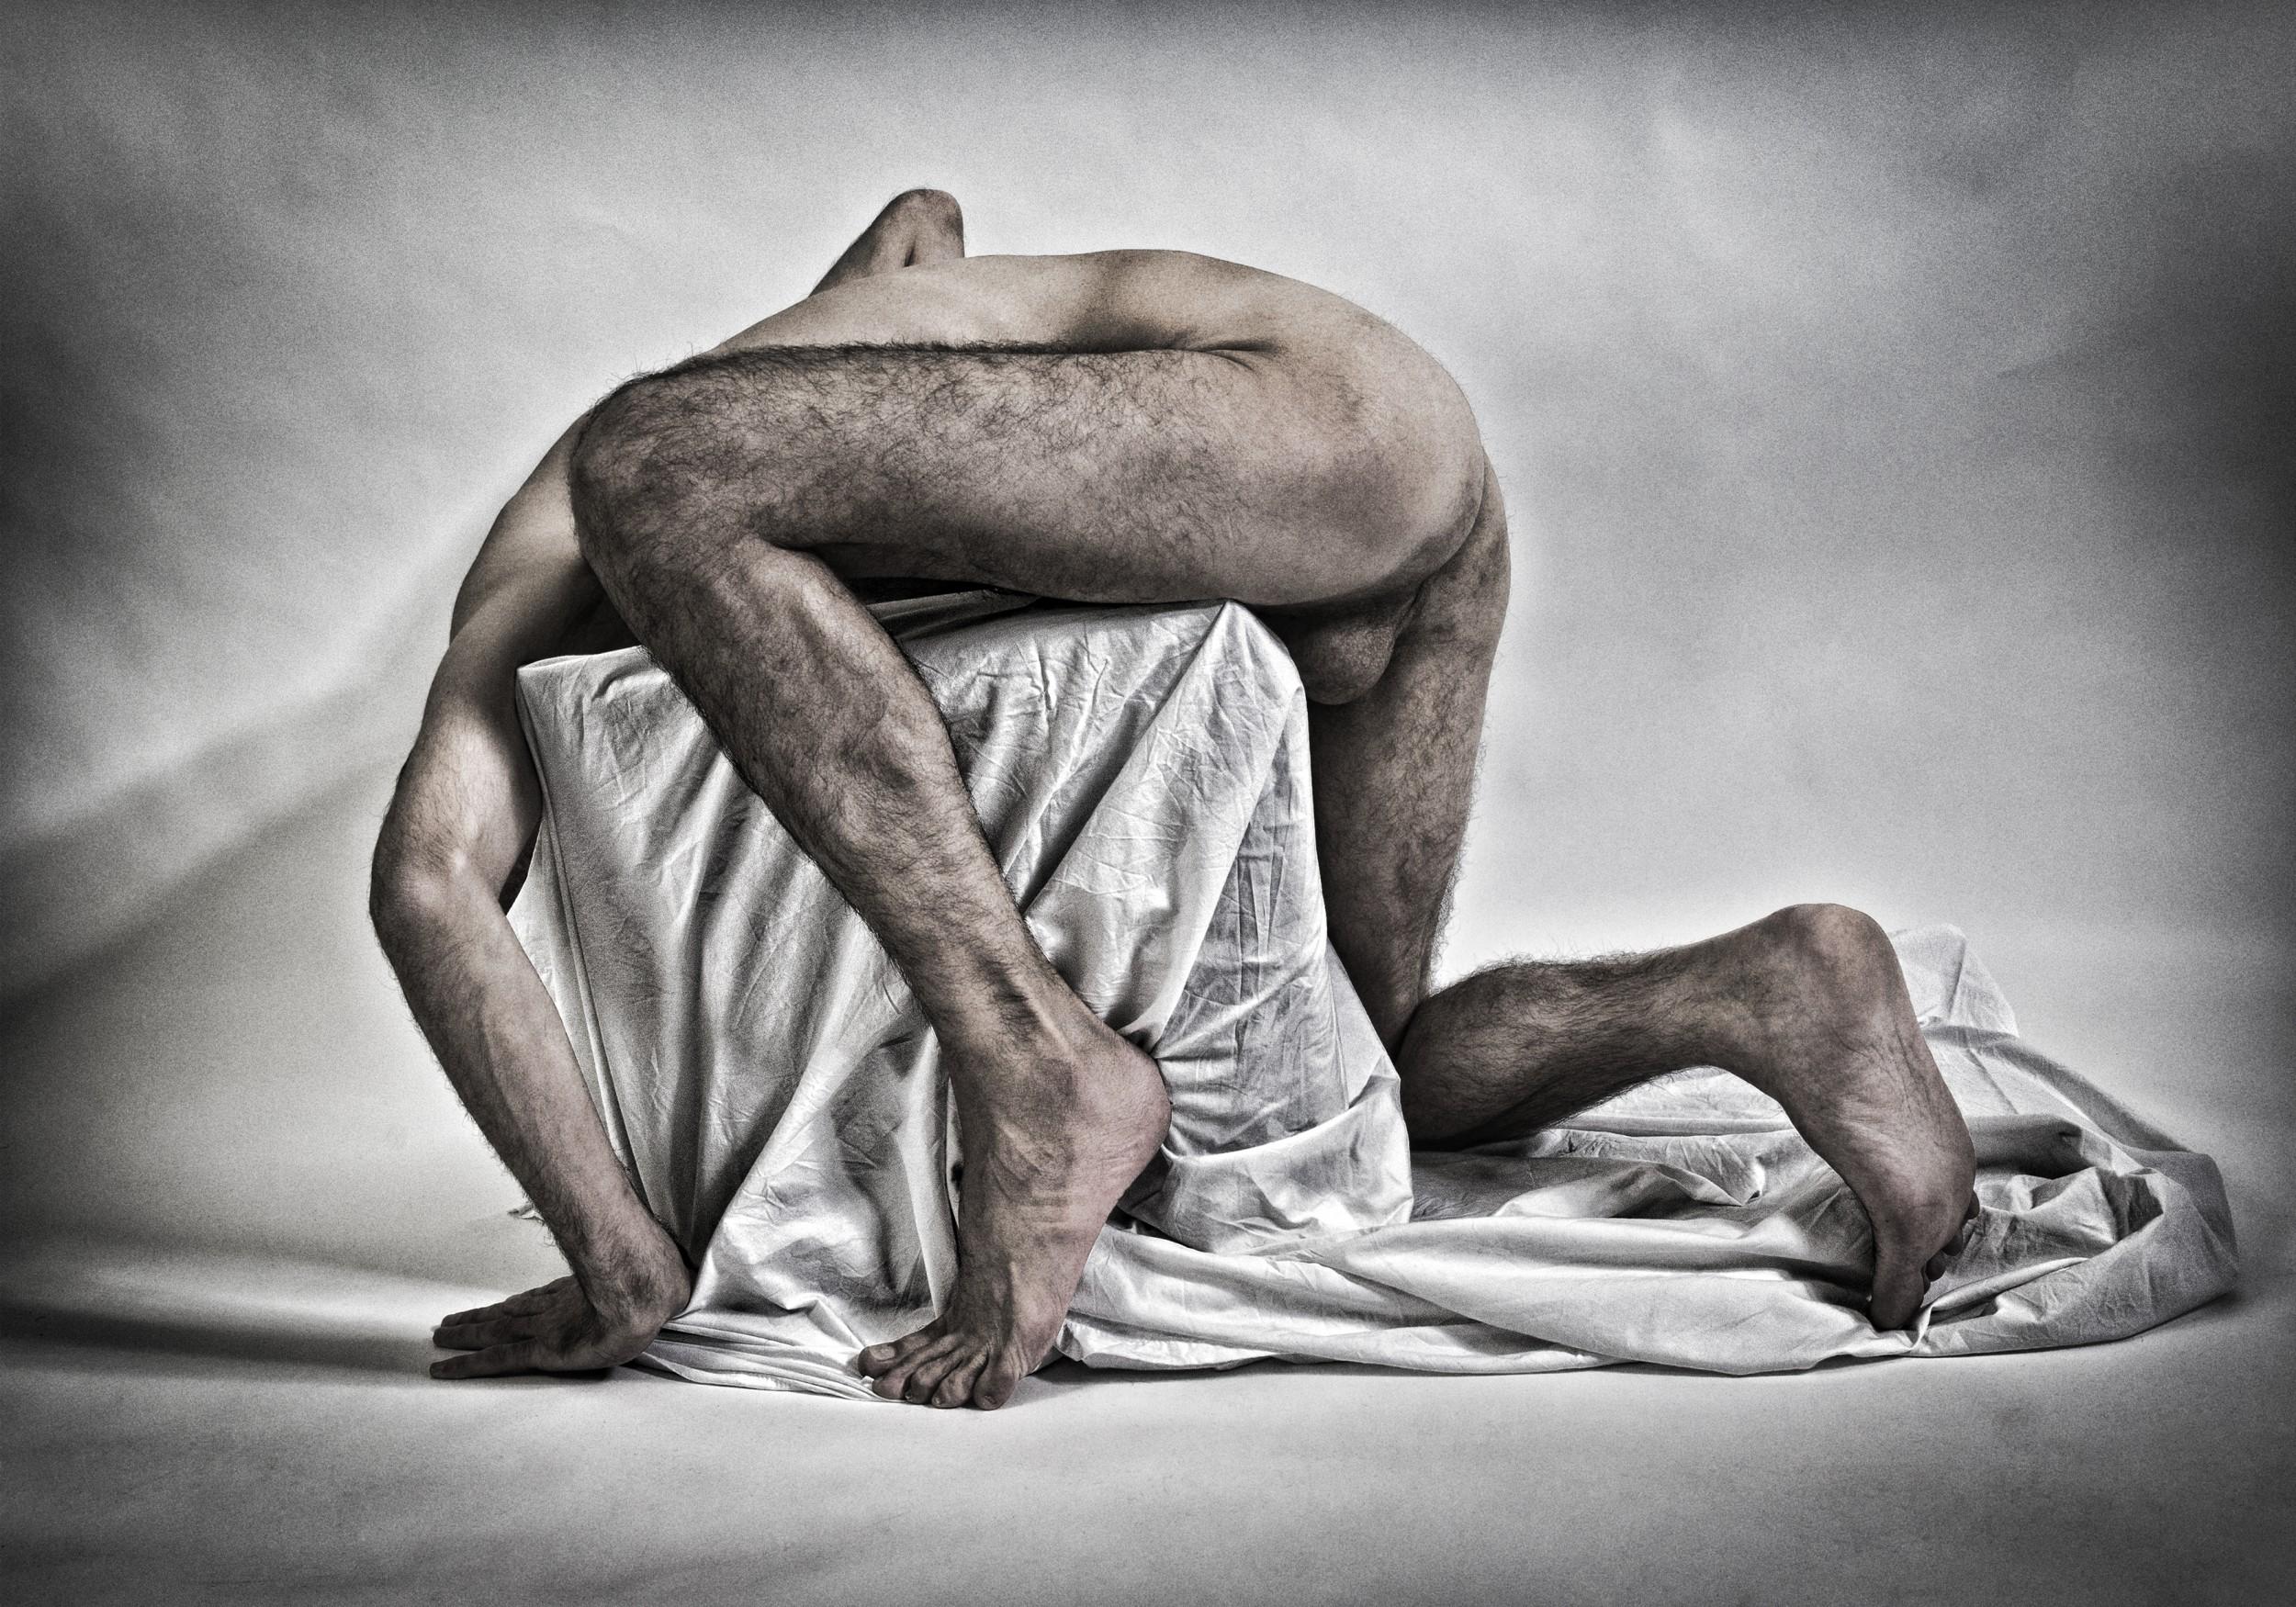 nakedness 9   dimosthenis gallis   artwork celeste network